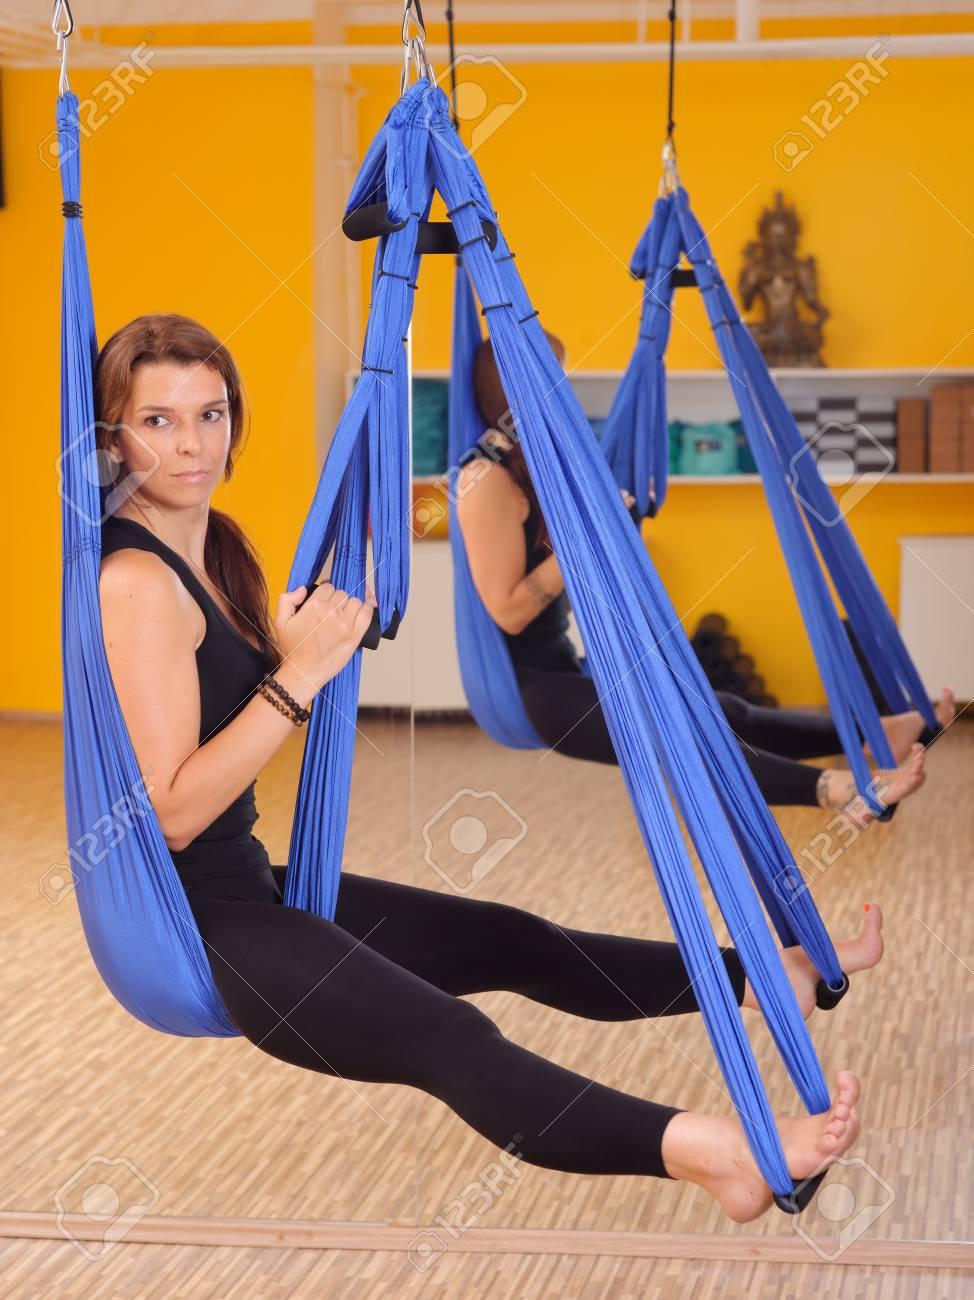 Woman doing anti gravity Aerial yoga exercise Stock Photo - 28227063